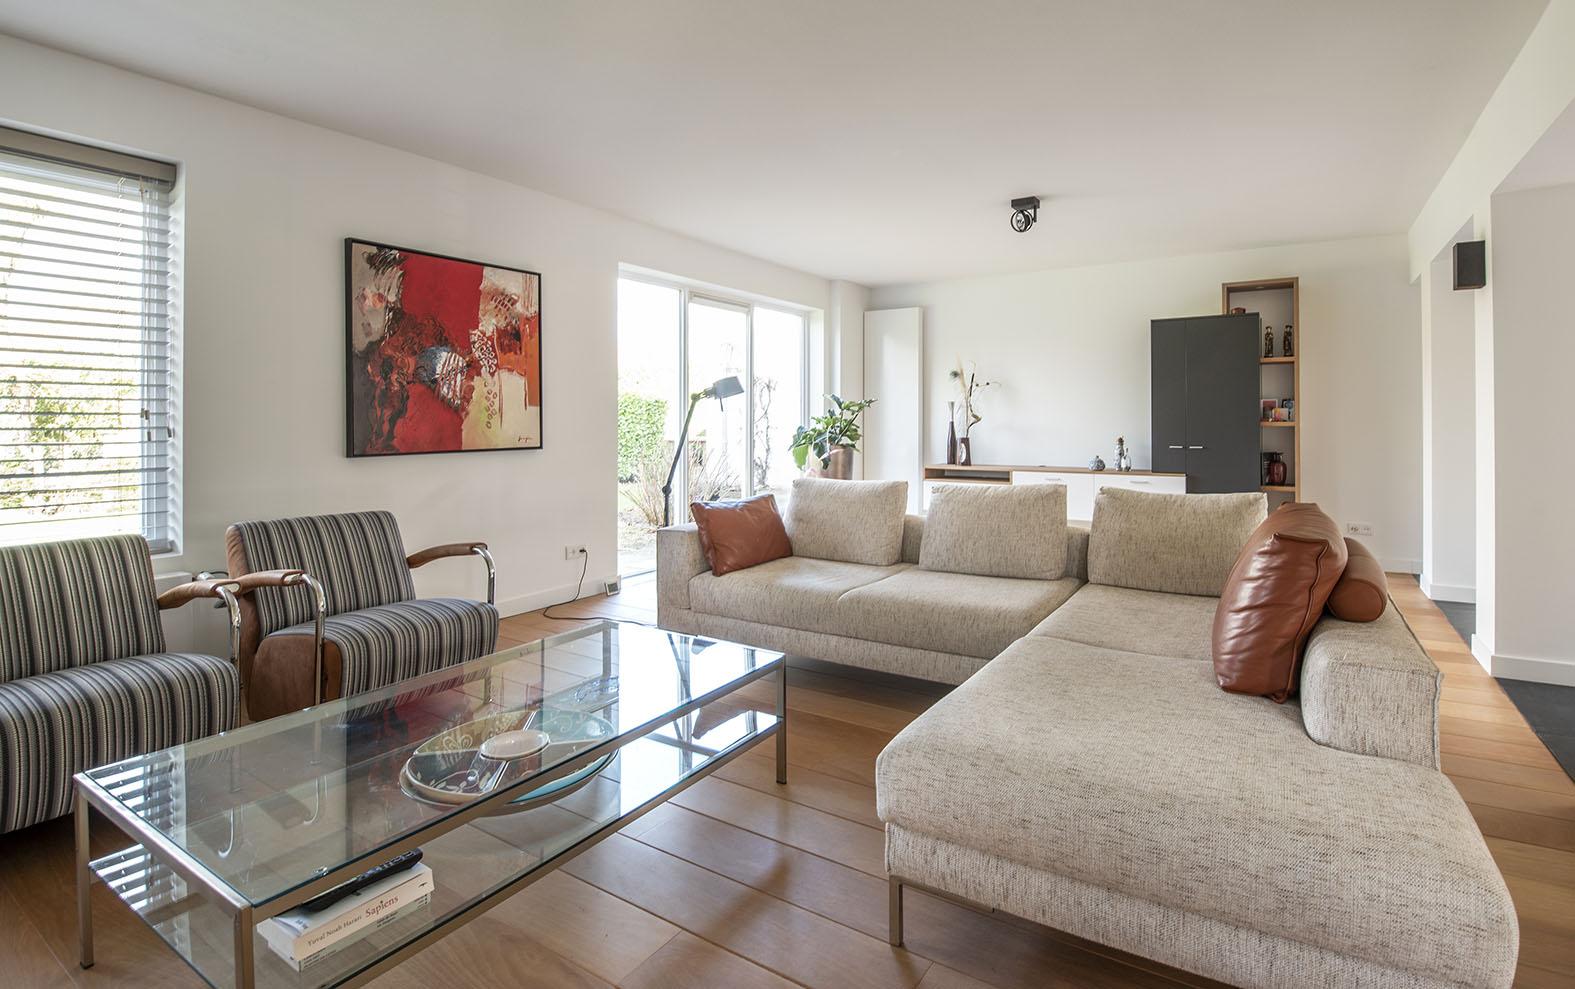 Woonkamer interieuradvies Den Bosch engelen huiskamer stylen design on stock